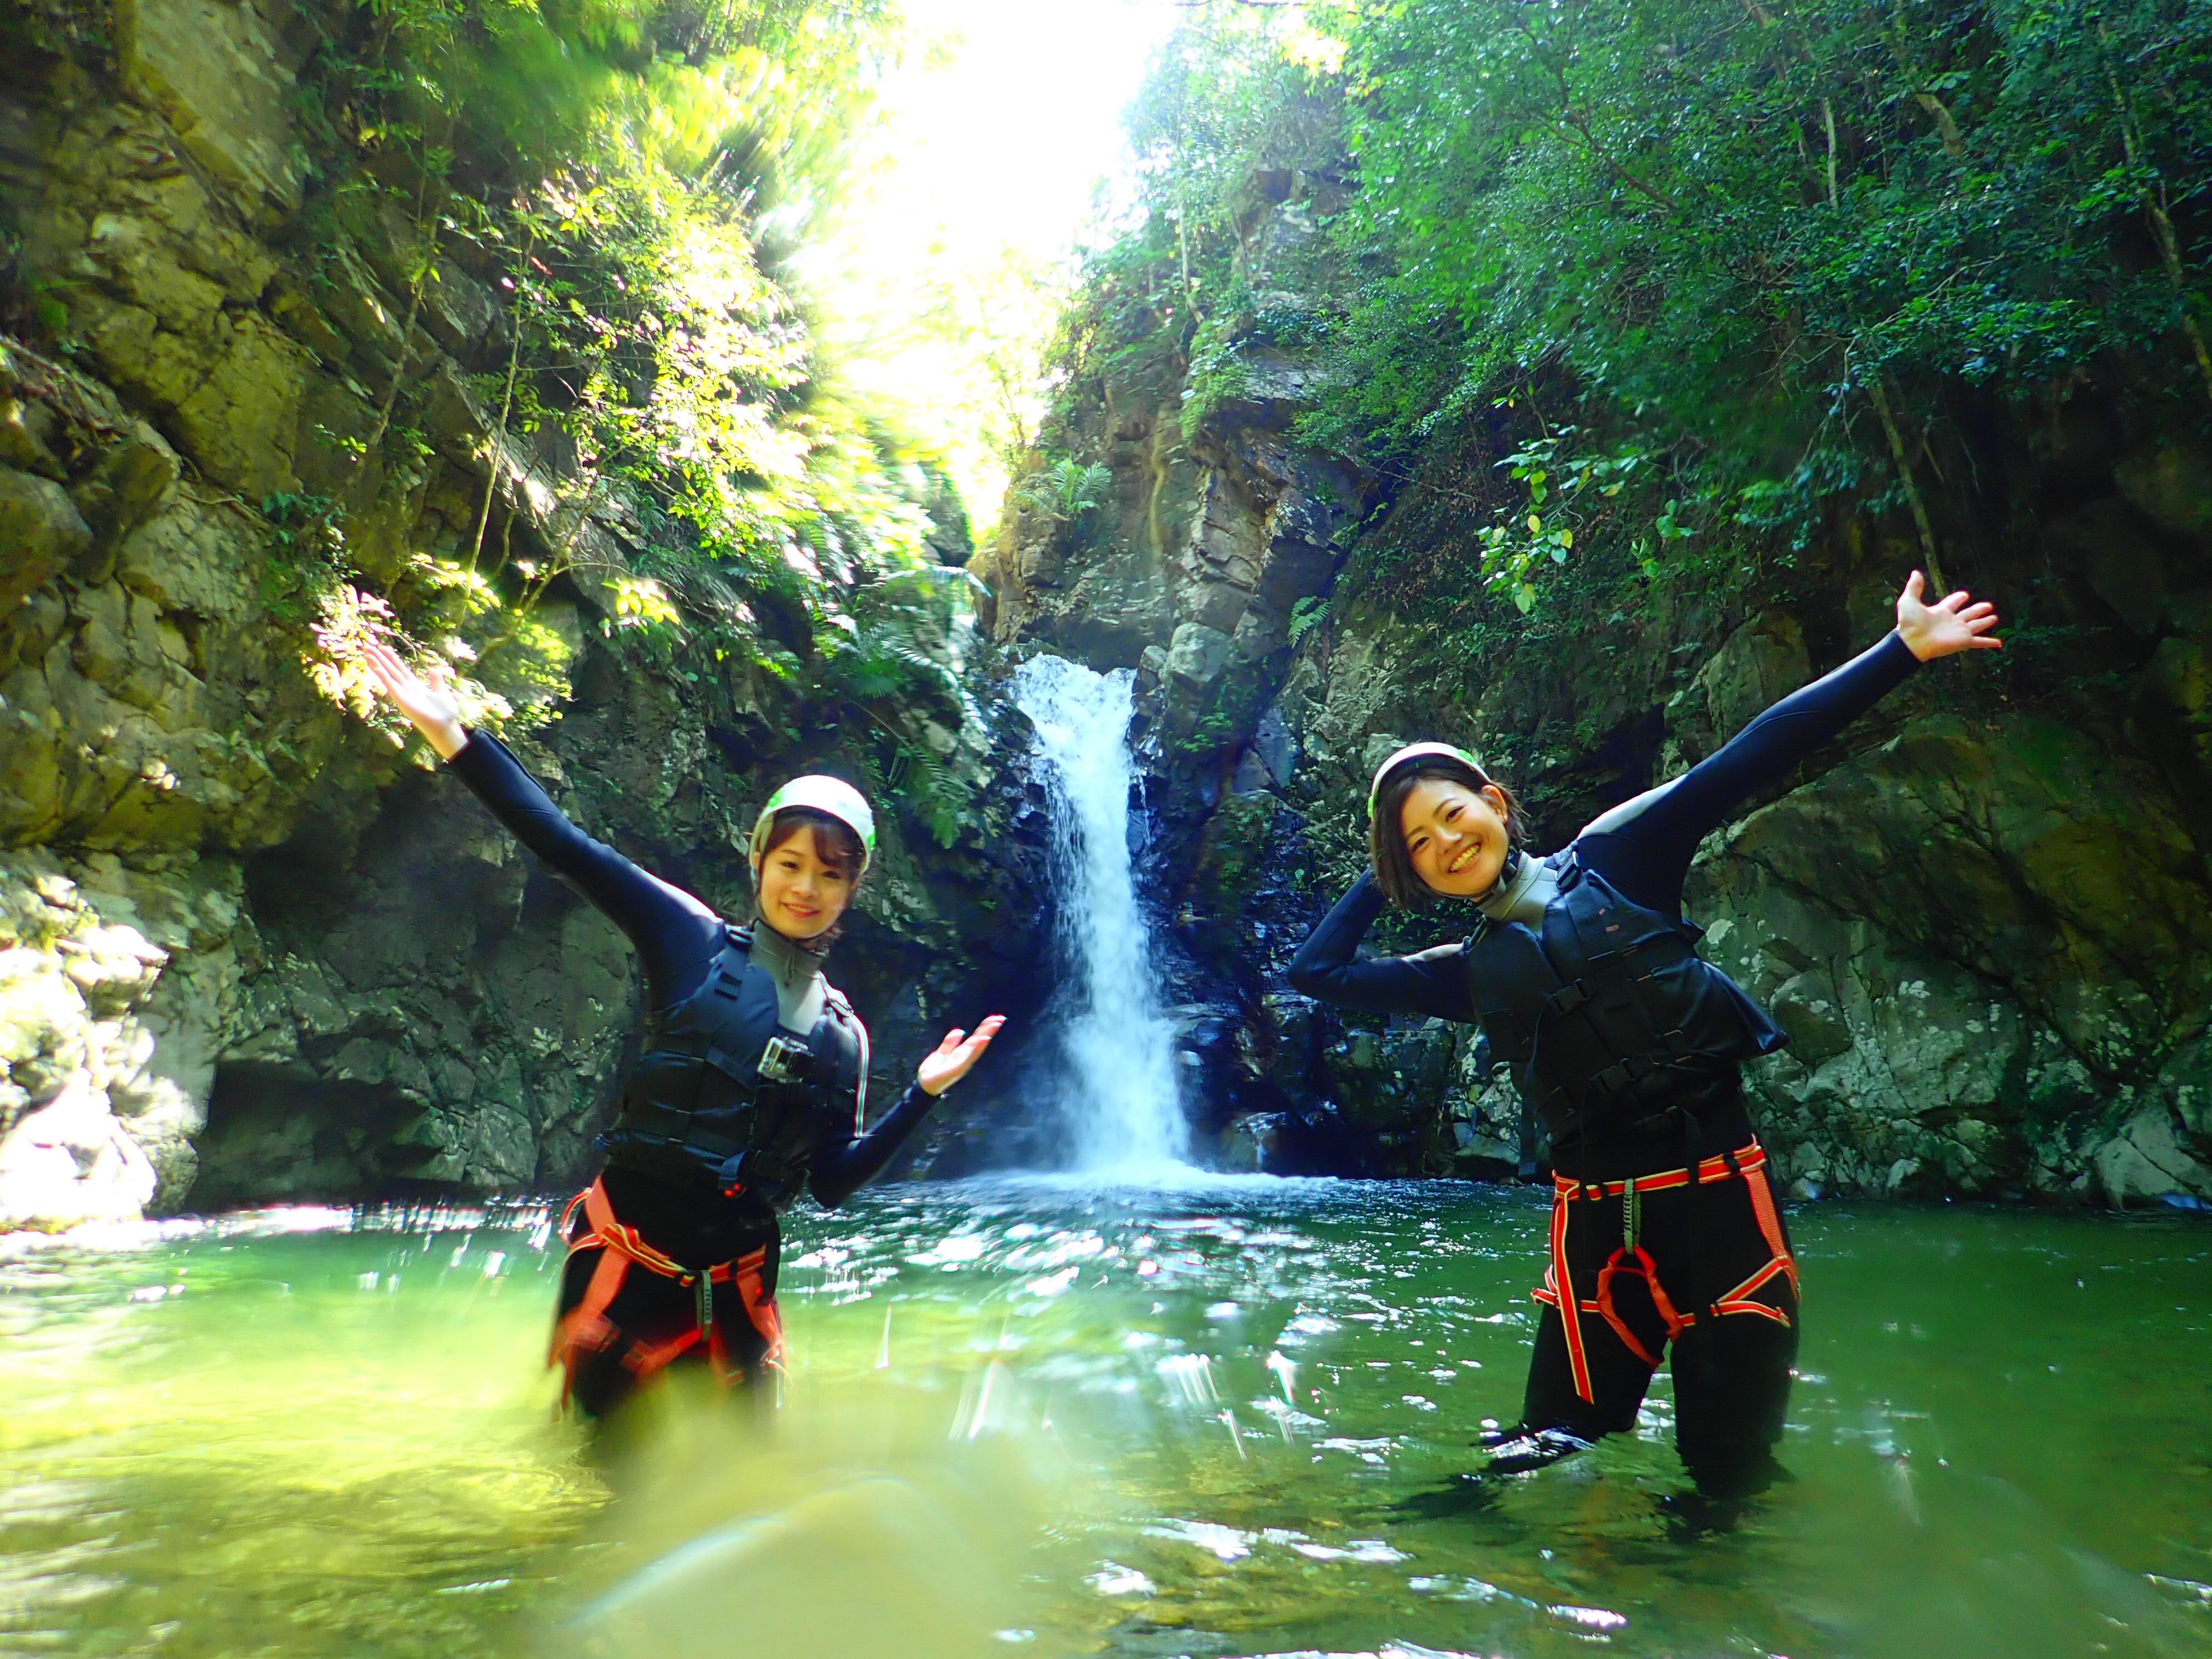 沖縄の名護のやんばるの滝の前で記念撮影